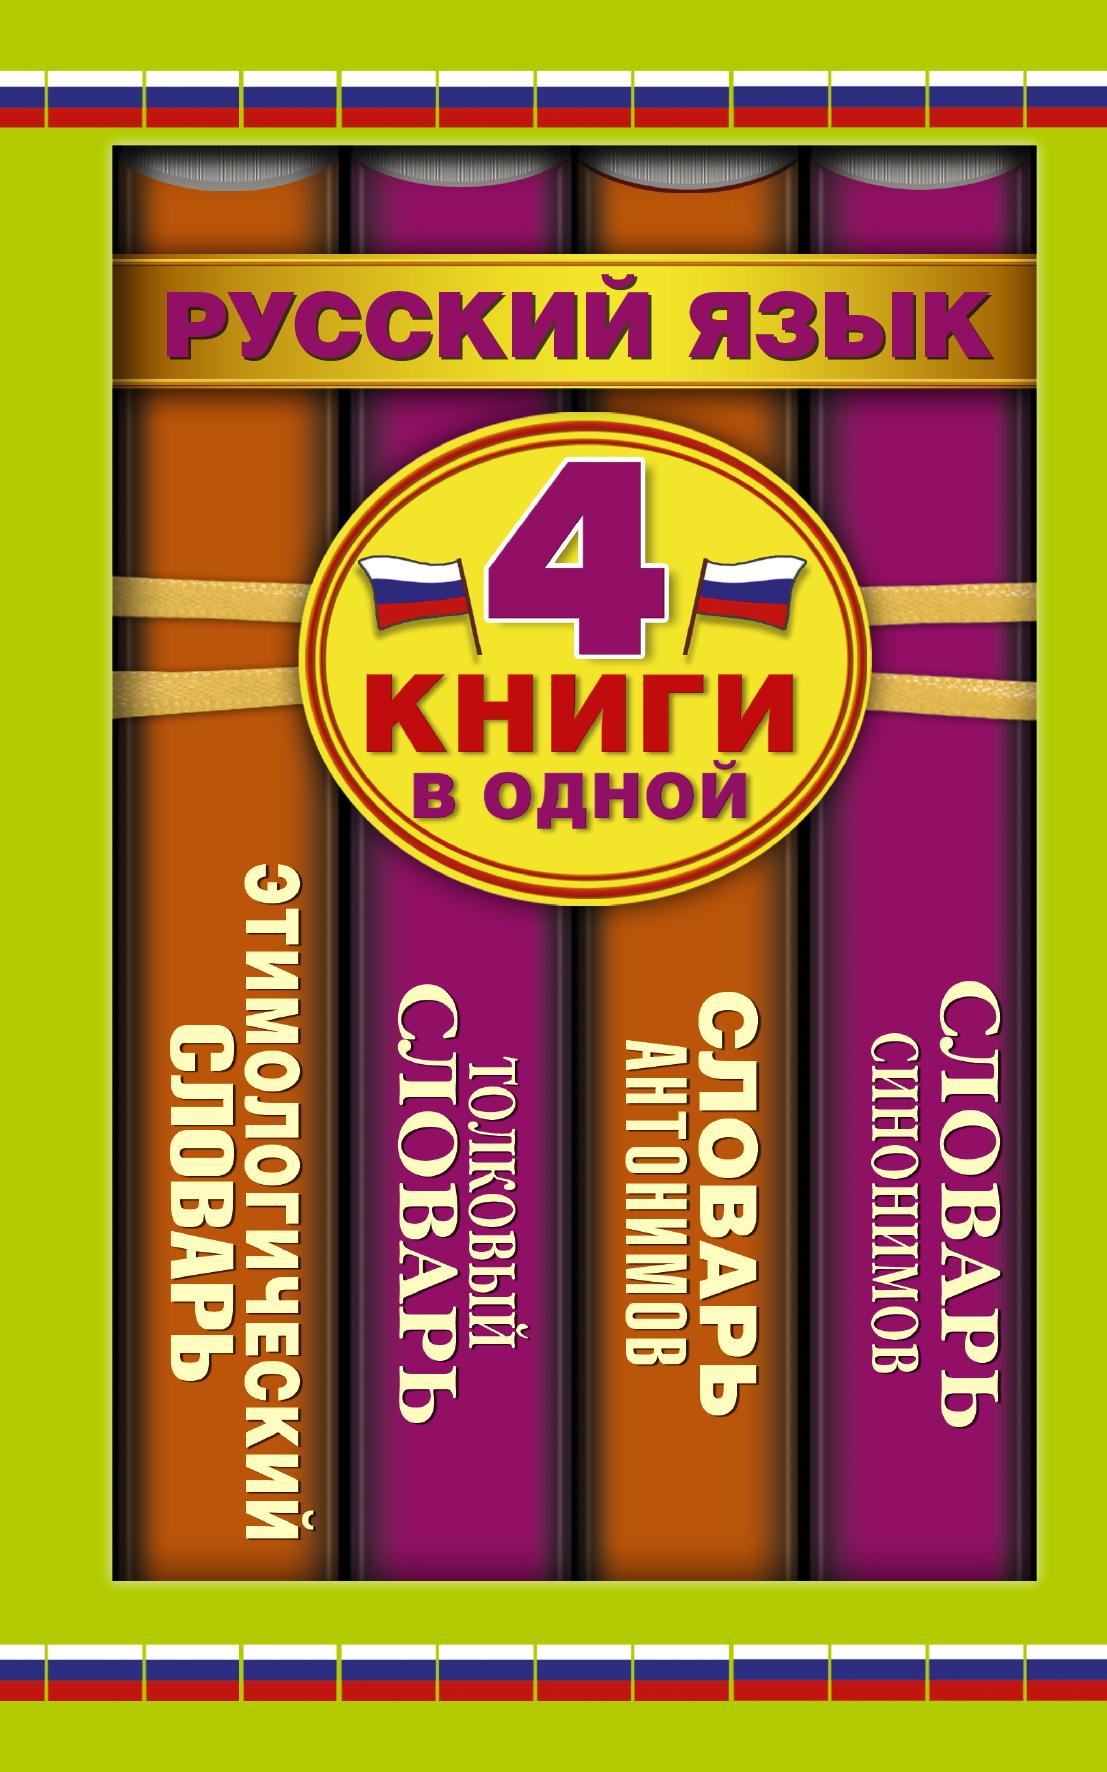 Словарь антонимов русского языка 20 фотография